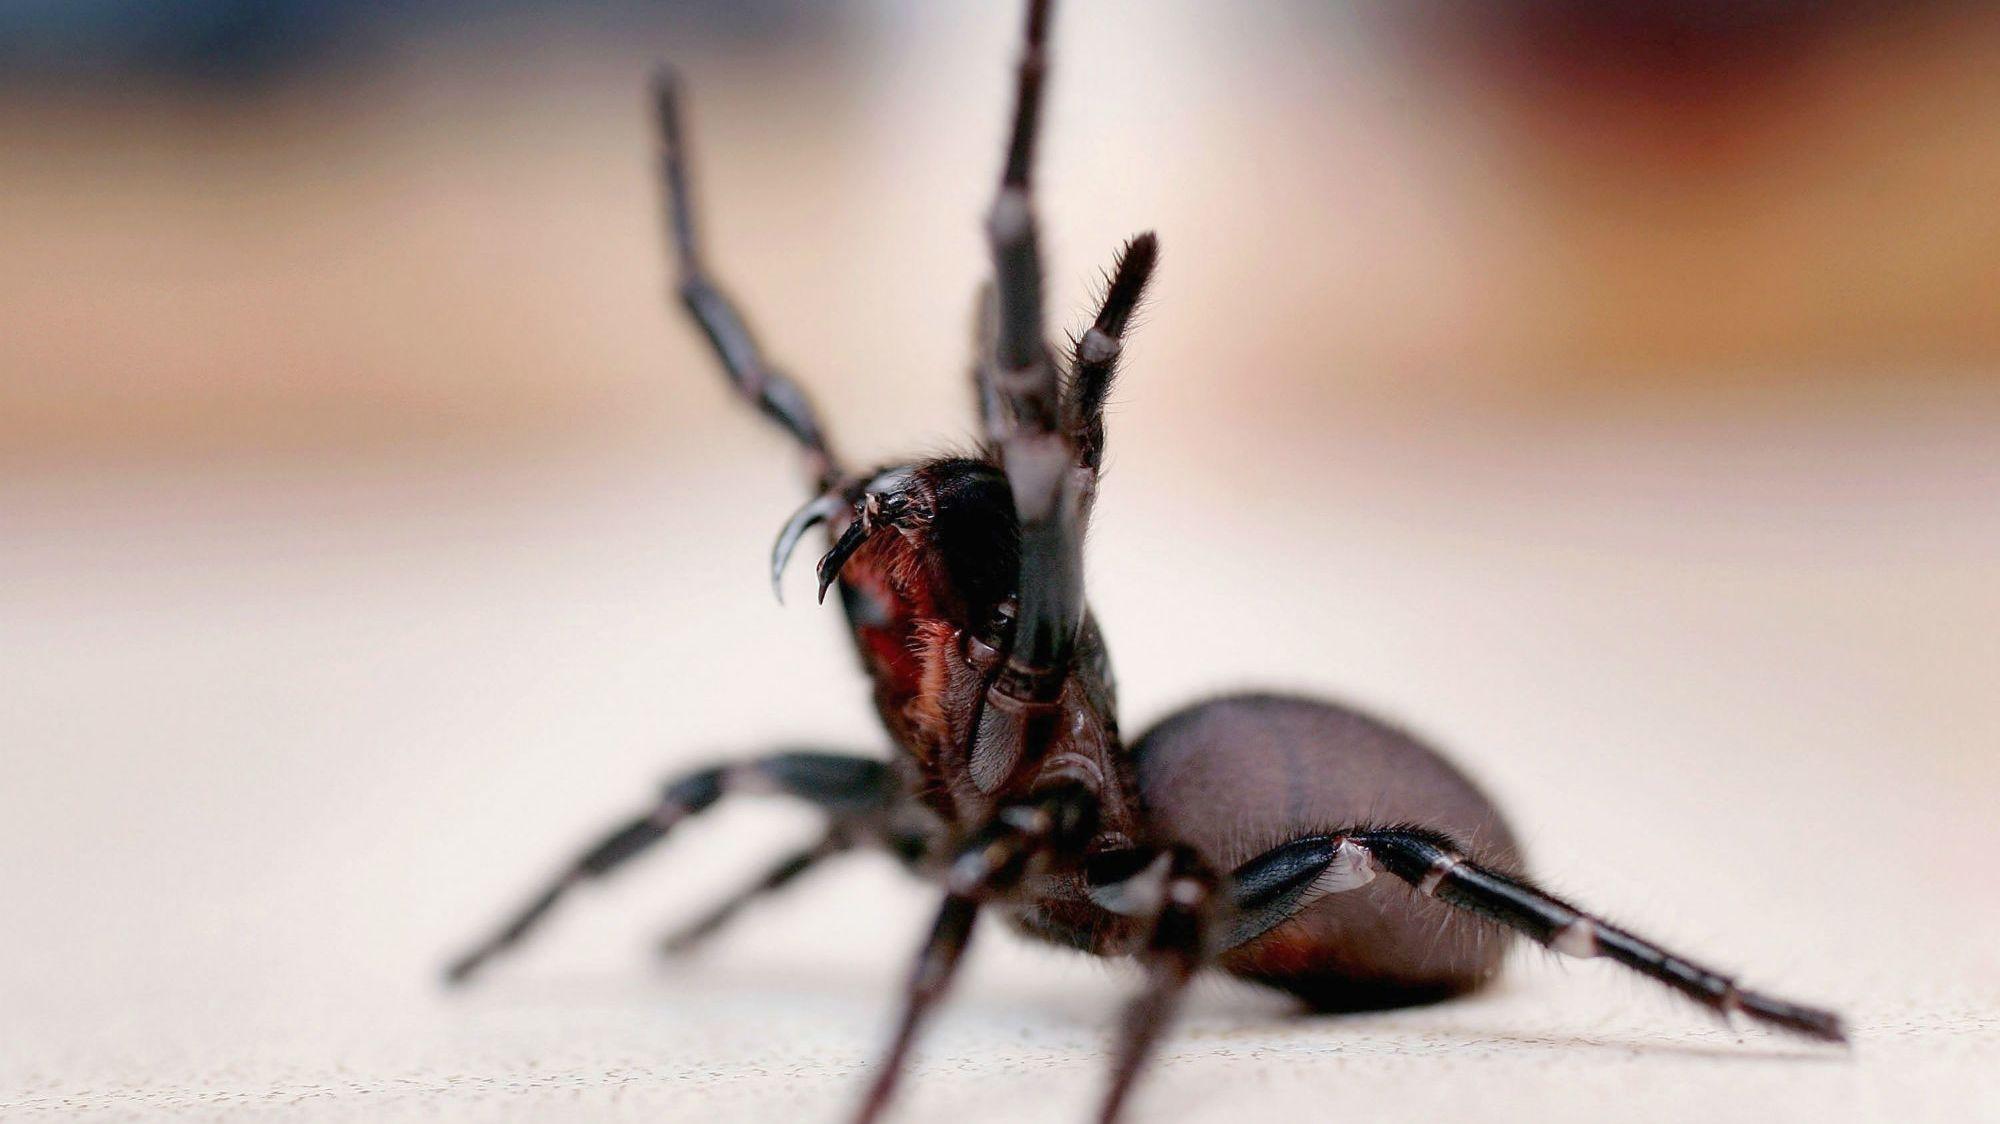 делали дерева фото австралийского паука по хорошему этом